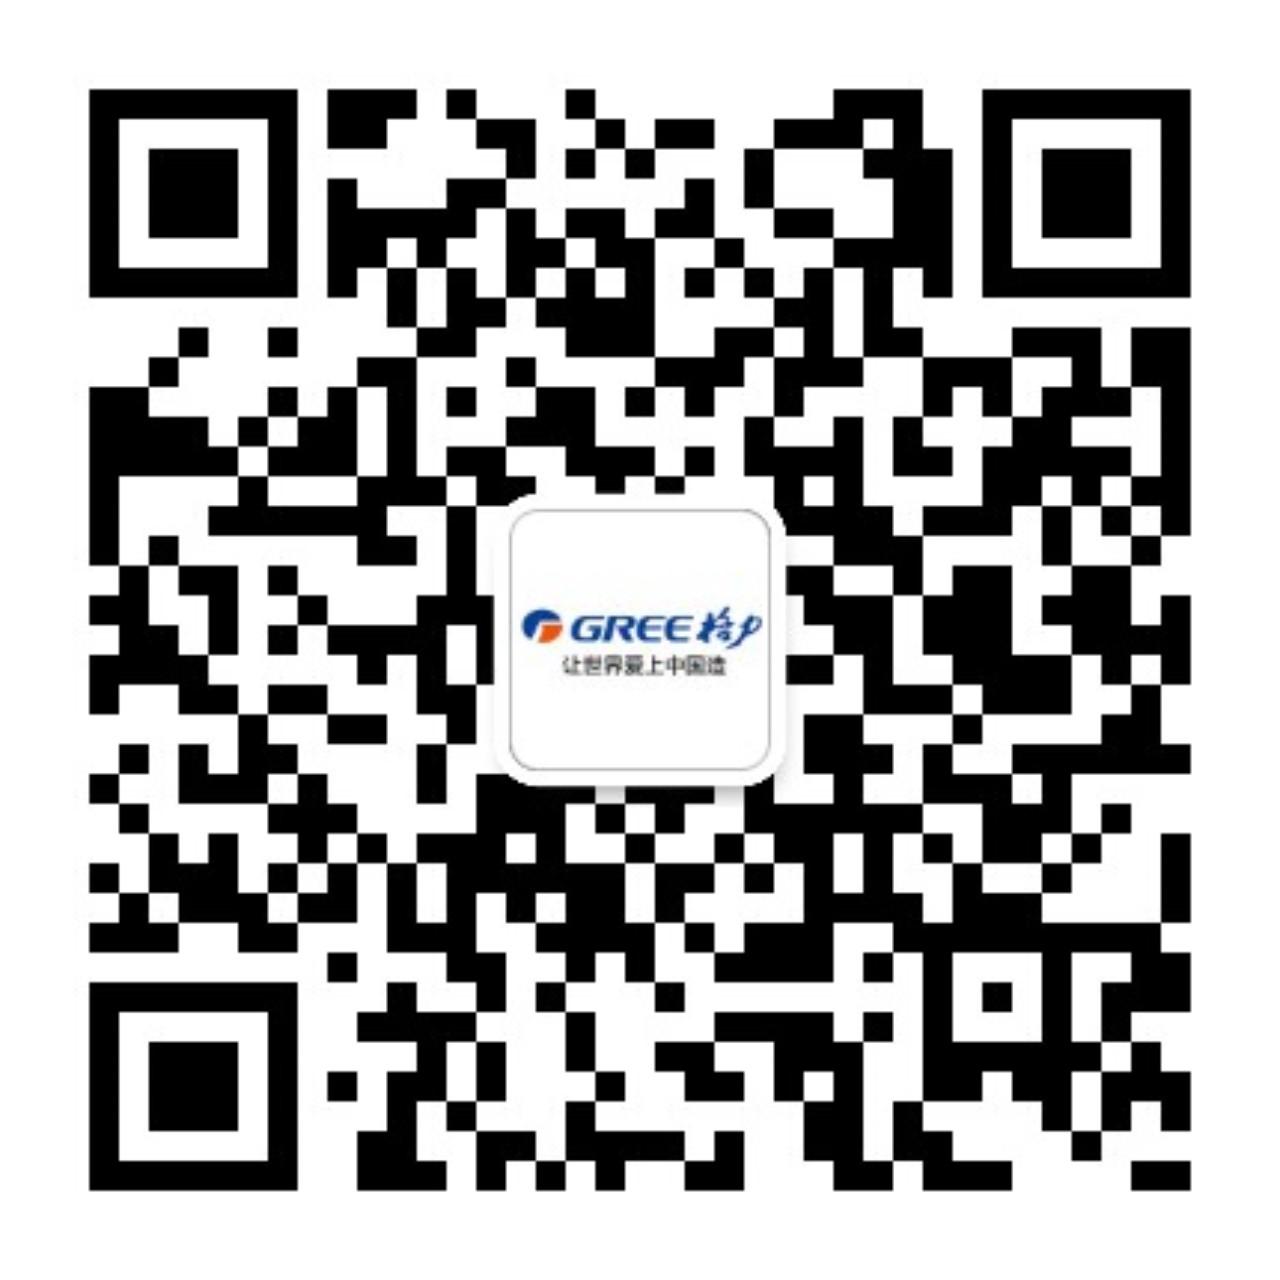 澳门新莆京赌场网站